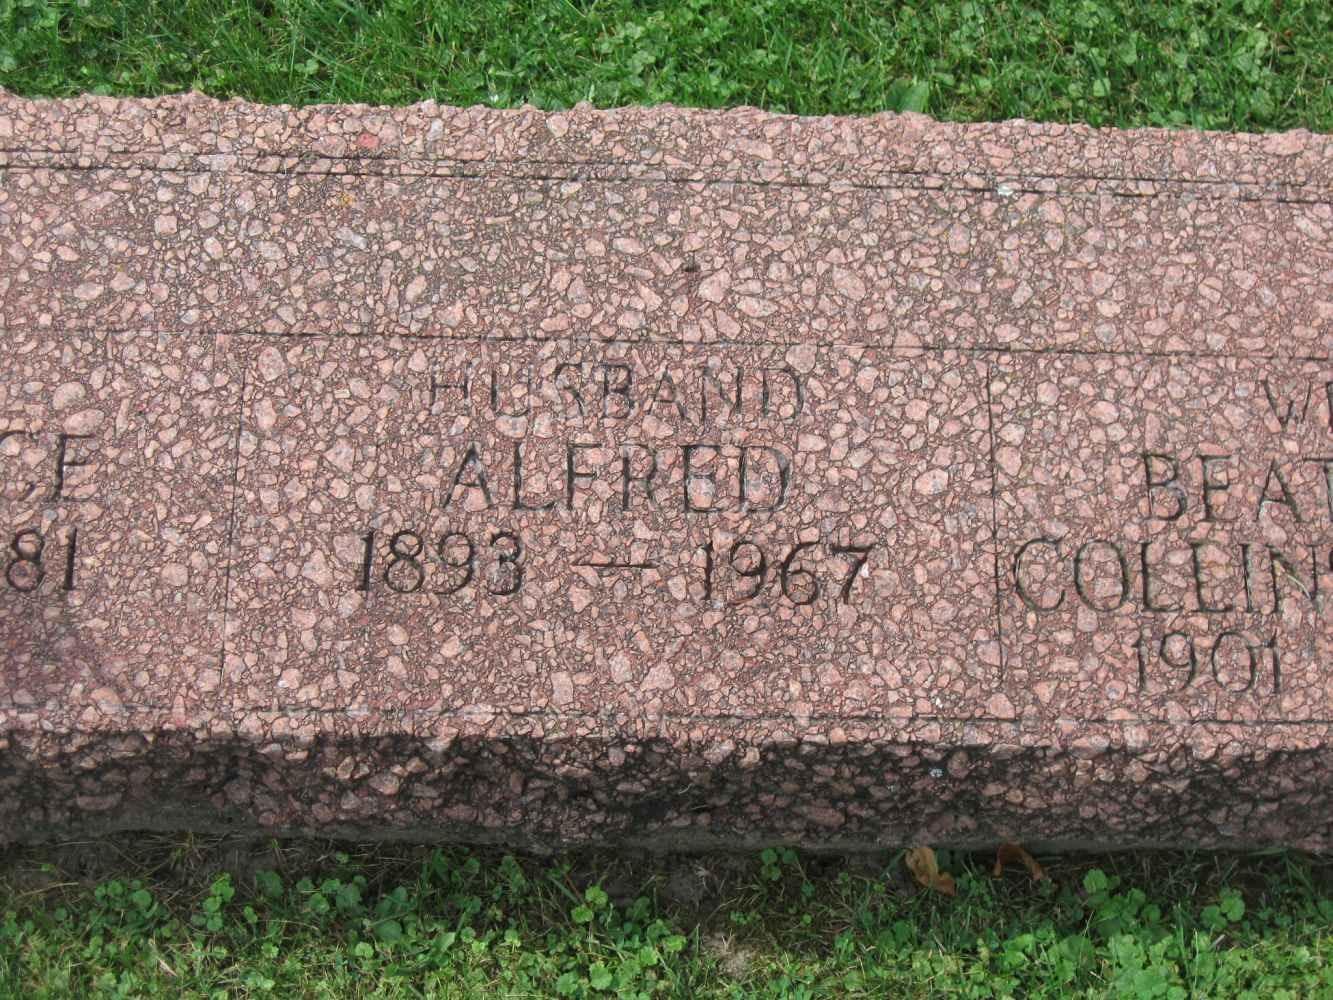 Alfred E Dafoe